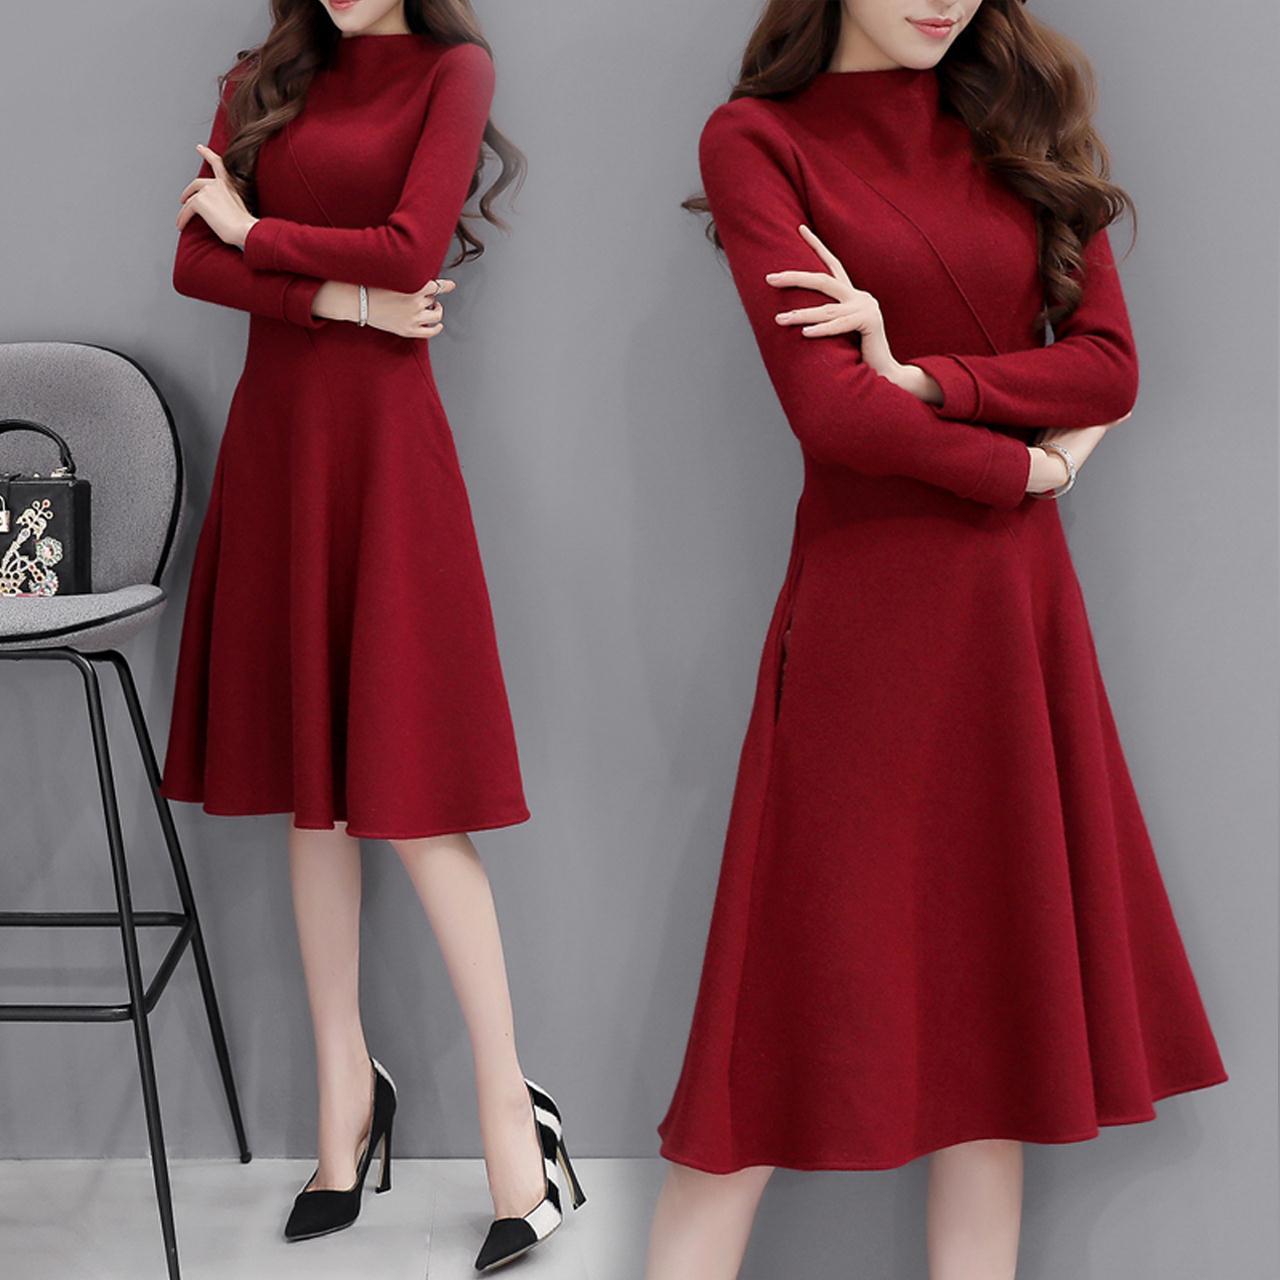 2016新款潮冬季女装韩版修身毛呢连衣裙女中长款气质秋冬打底裙子